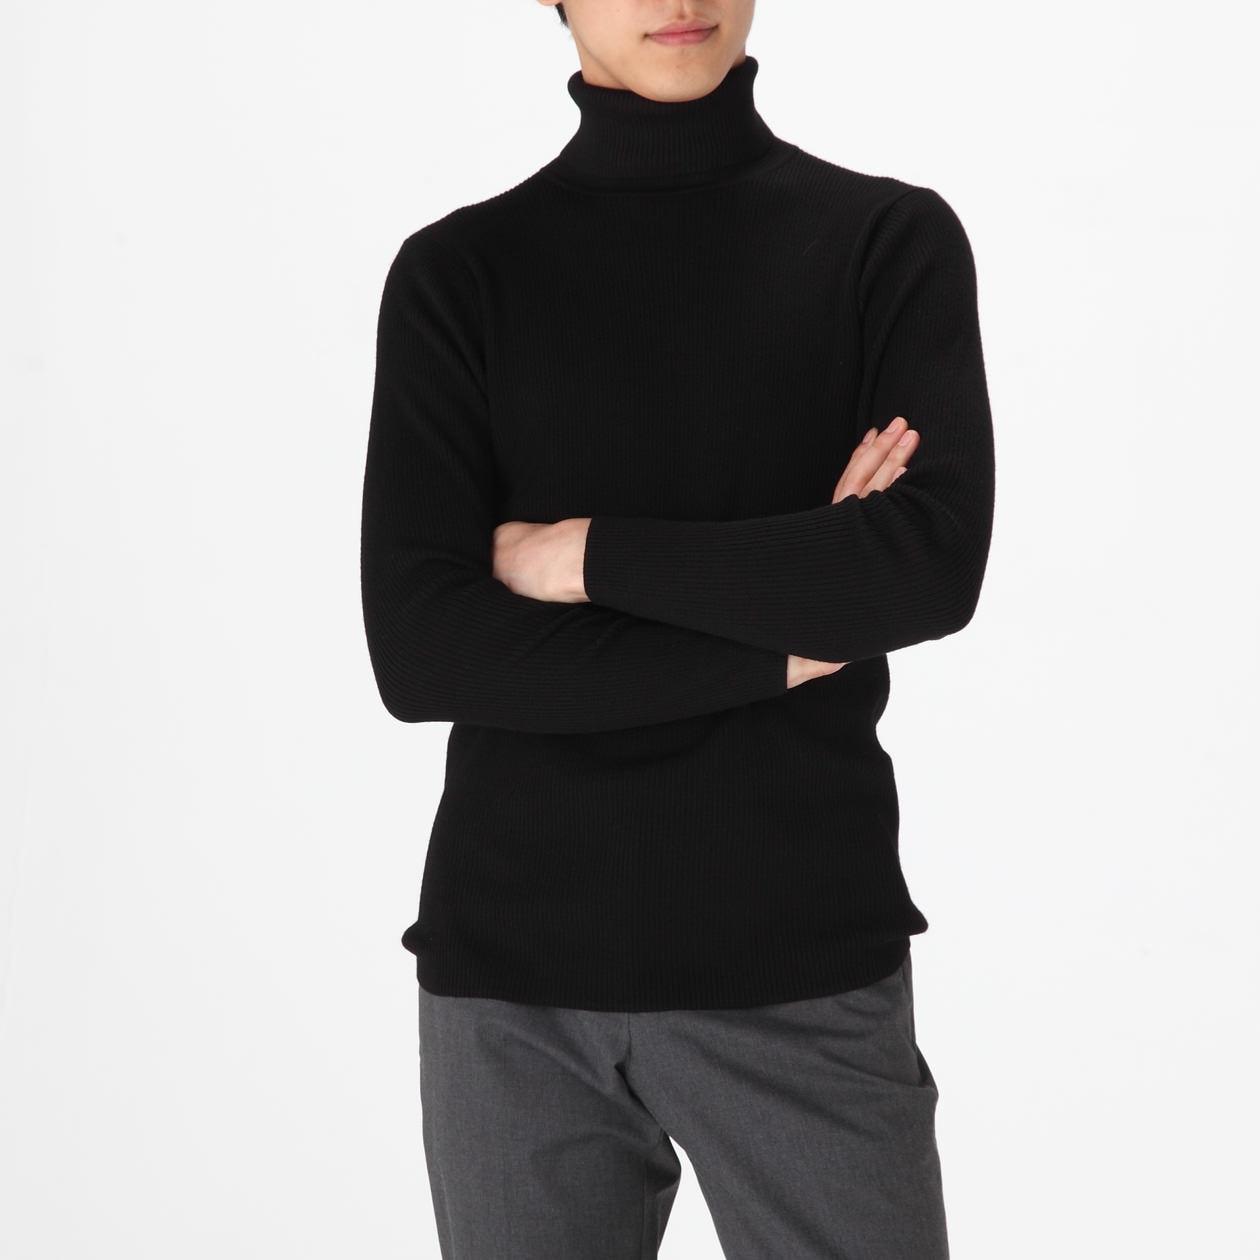 男不易刺癢羊毛螺紋高領毛衣 黑色S | 無印良品